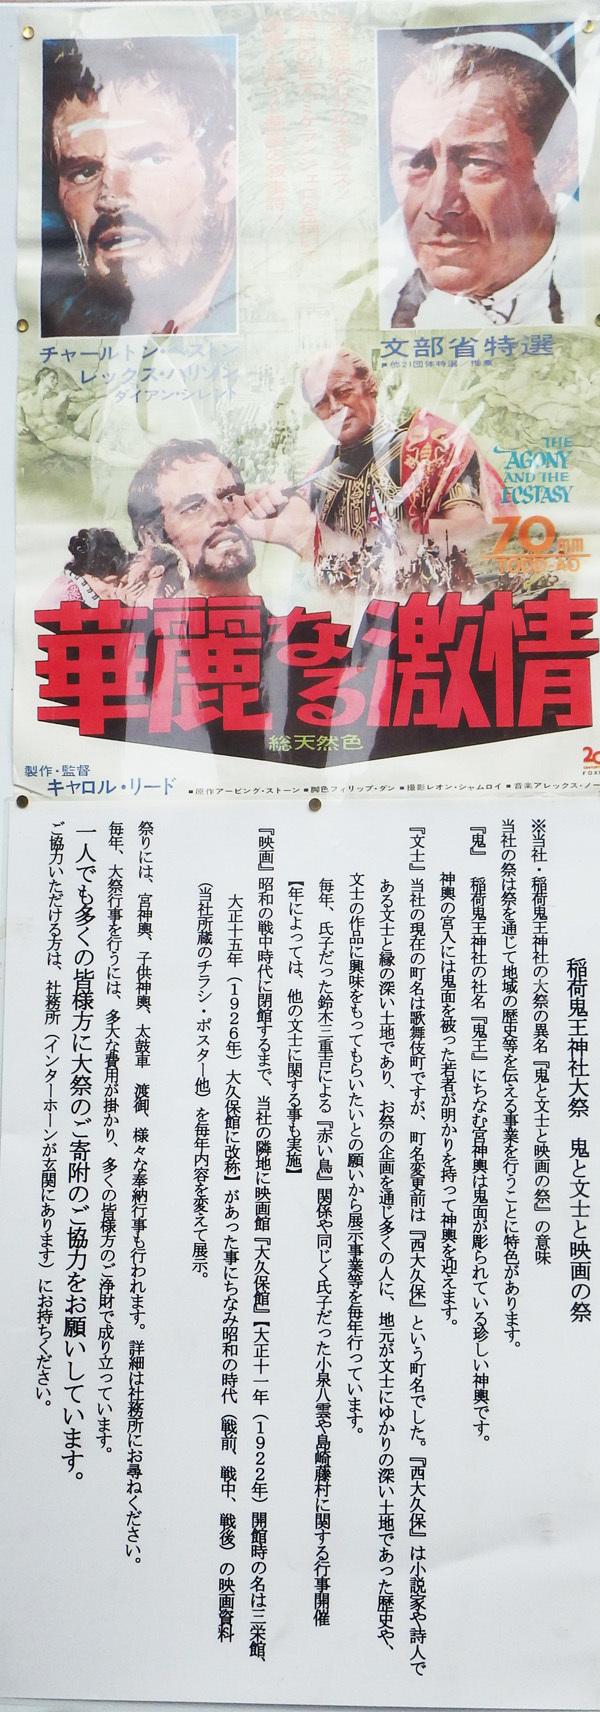 鬼王神社の映画ポスターと内容案内展示看板